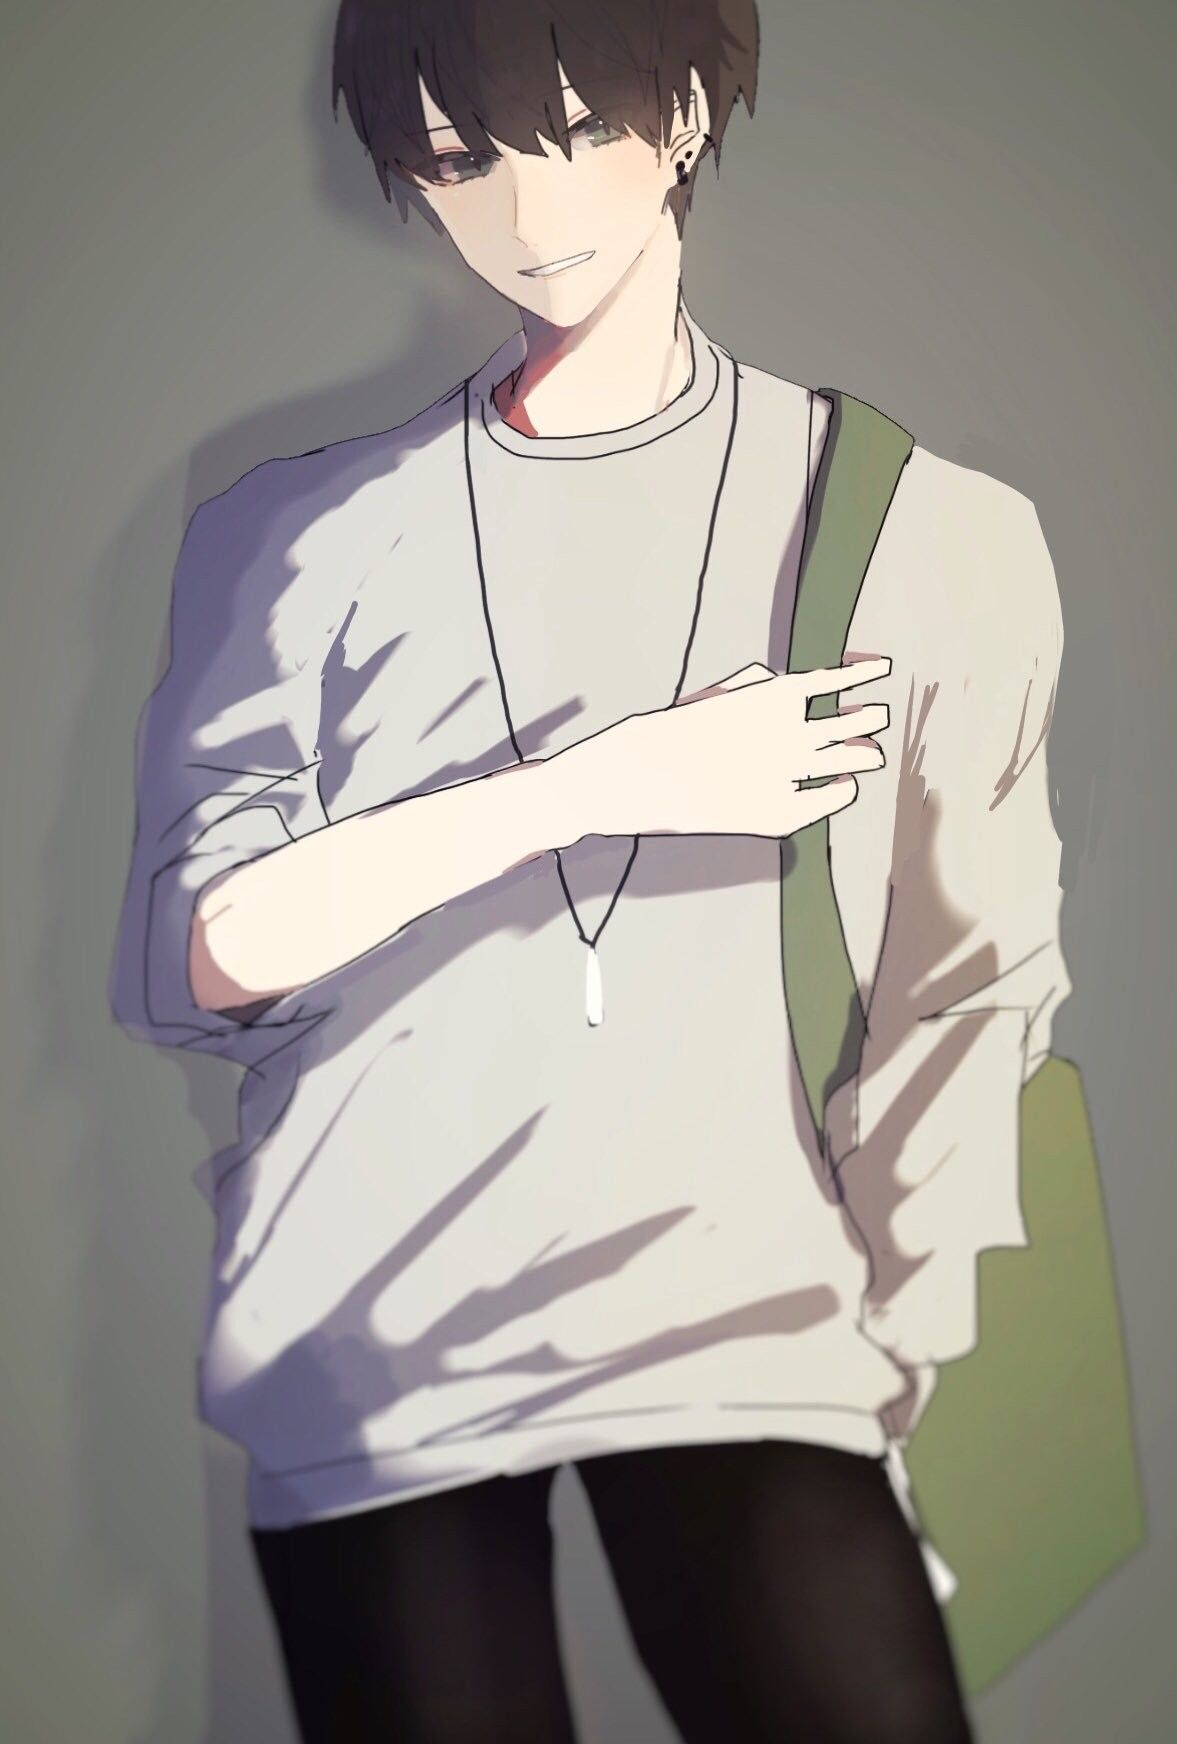 anime boys에 있는 春 Haru님의 핀 만화 그림, 남자 그림, 애니메이션